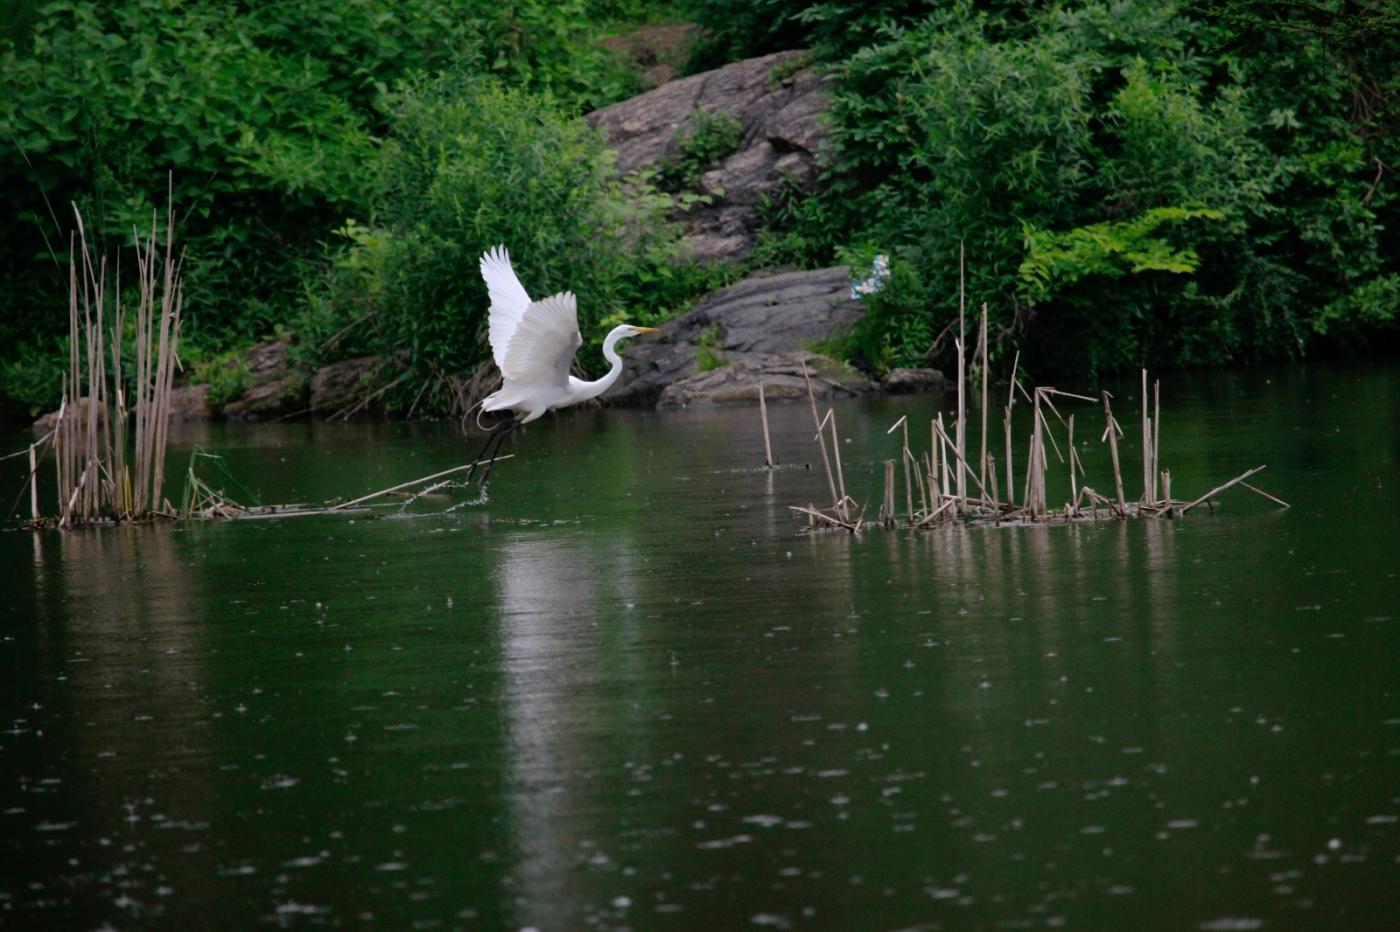 中央公园的白鹭,姿态优美,游客喜爱_图1-3